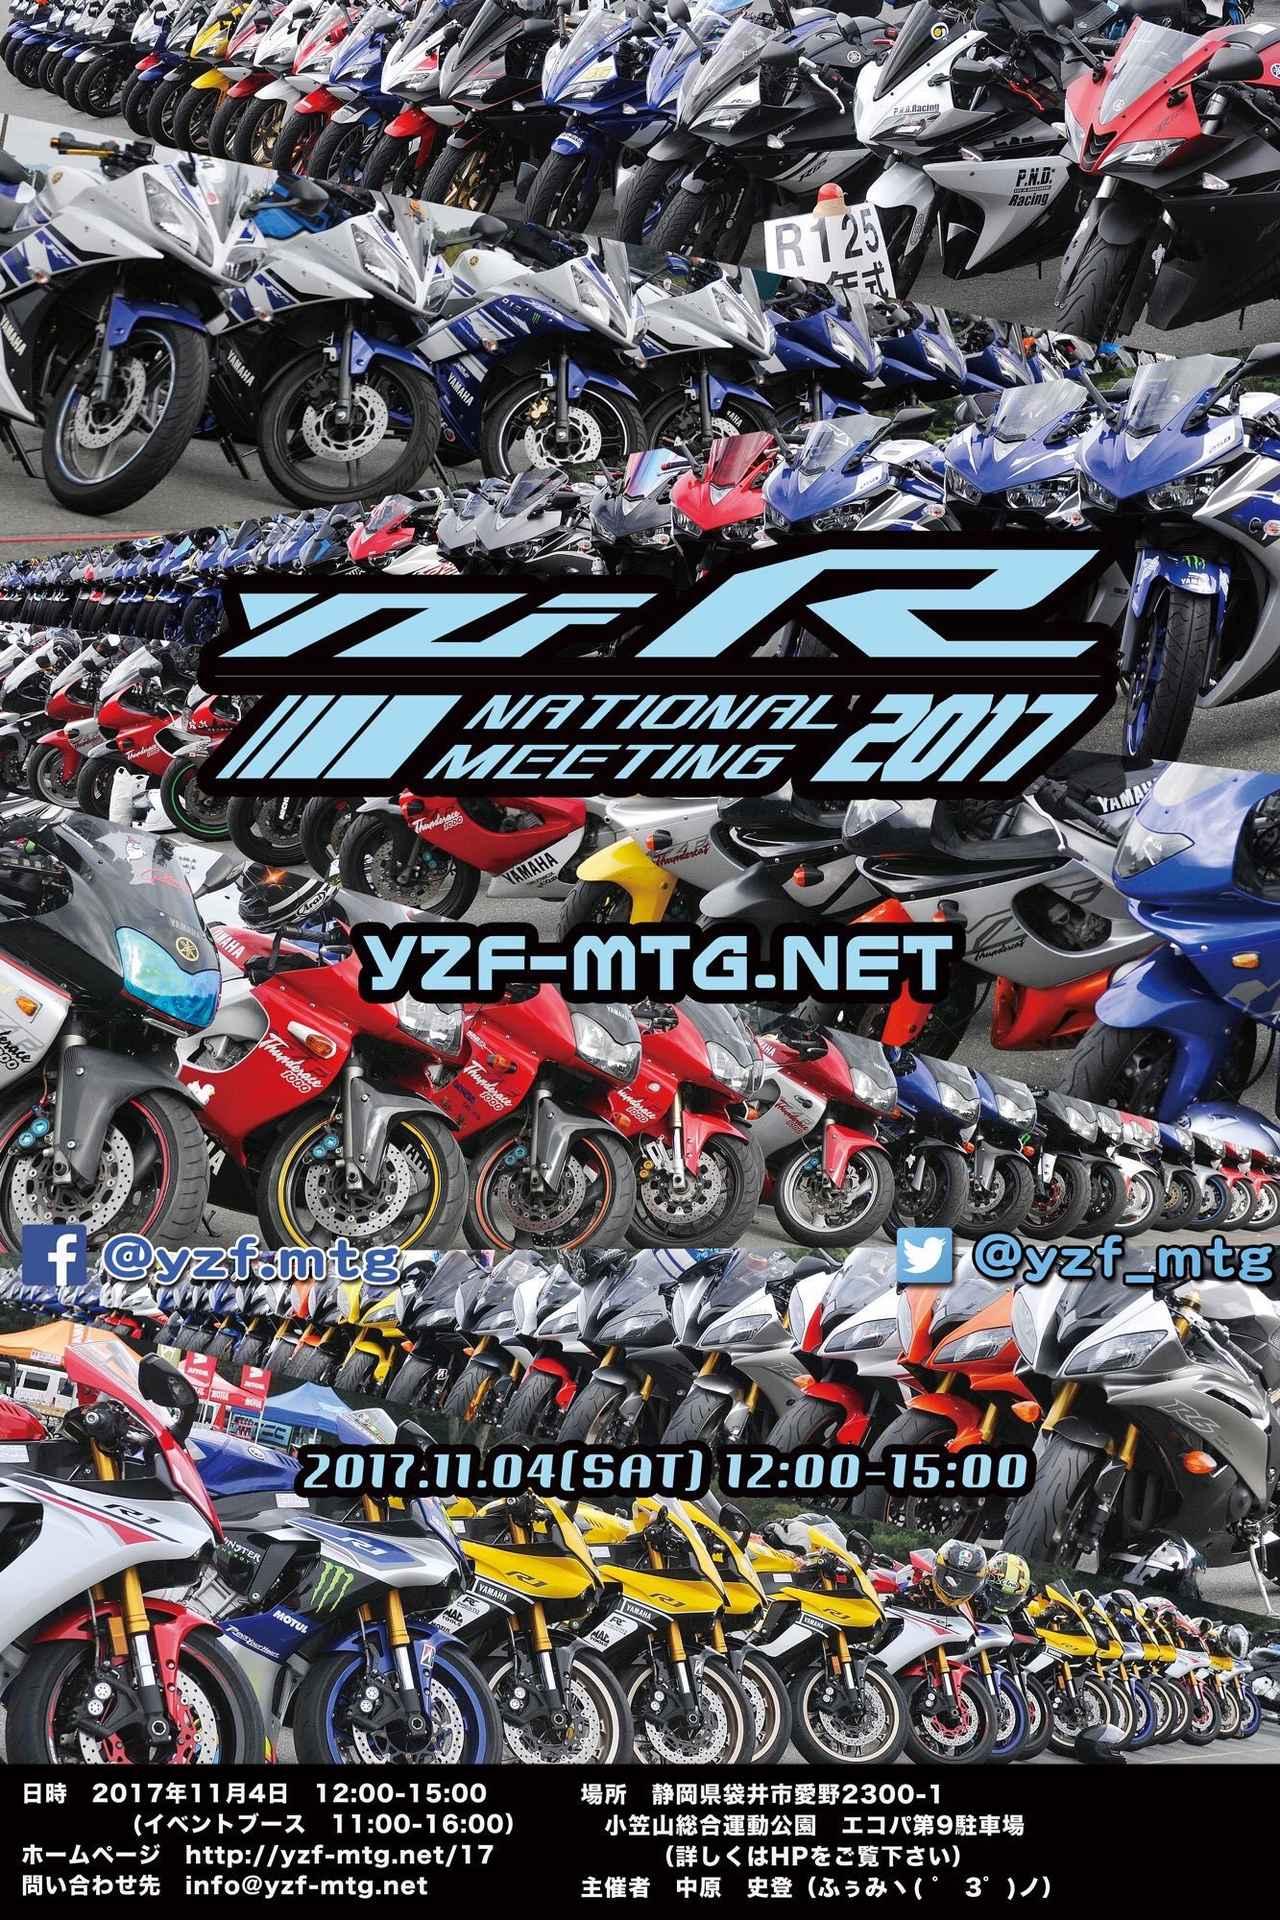 画像1: 11月4日(土)に静岡県袋井市の小笠山総合運動公園 エコパ第9駐車場で開催された、『YZF-R全国ミーティング』に参加してきました!